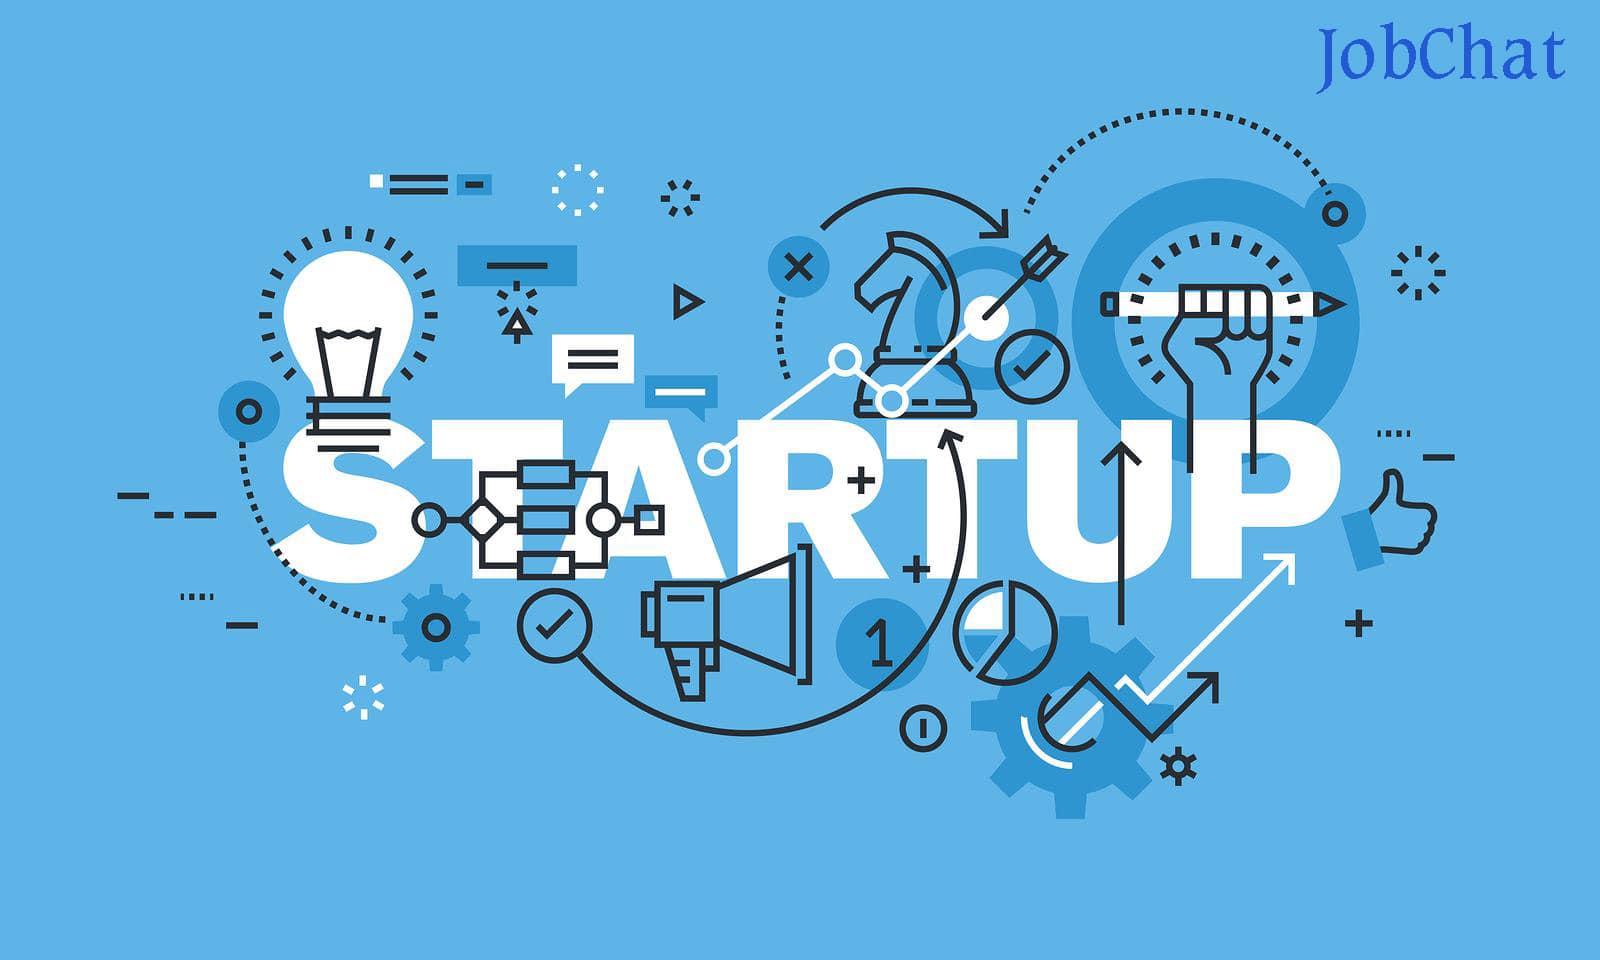 startup gọi vốn như thế nào?